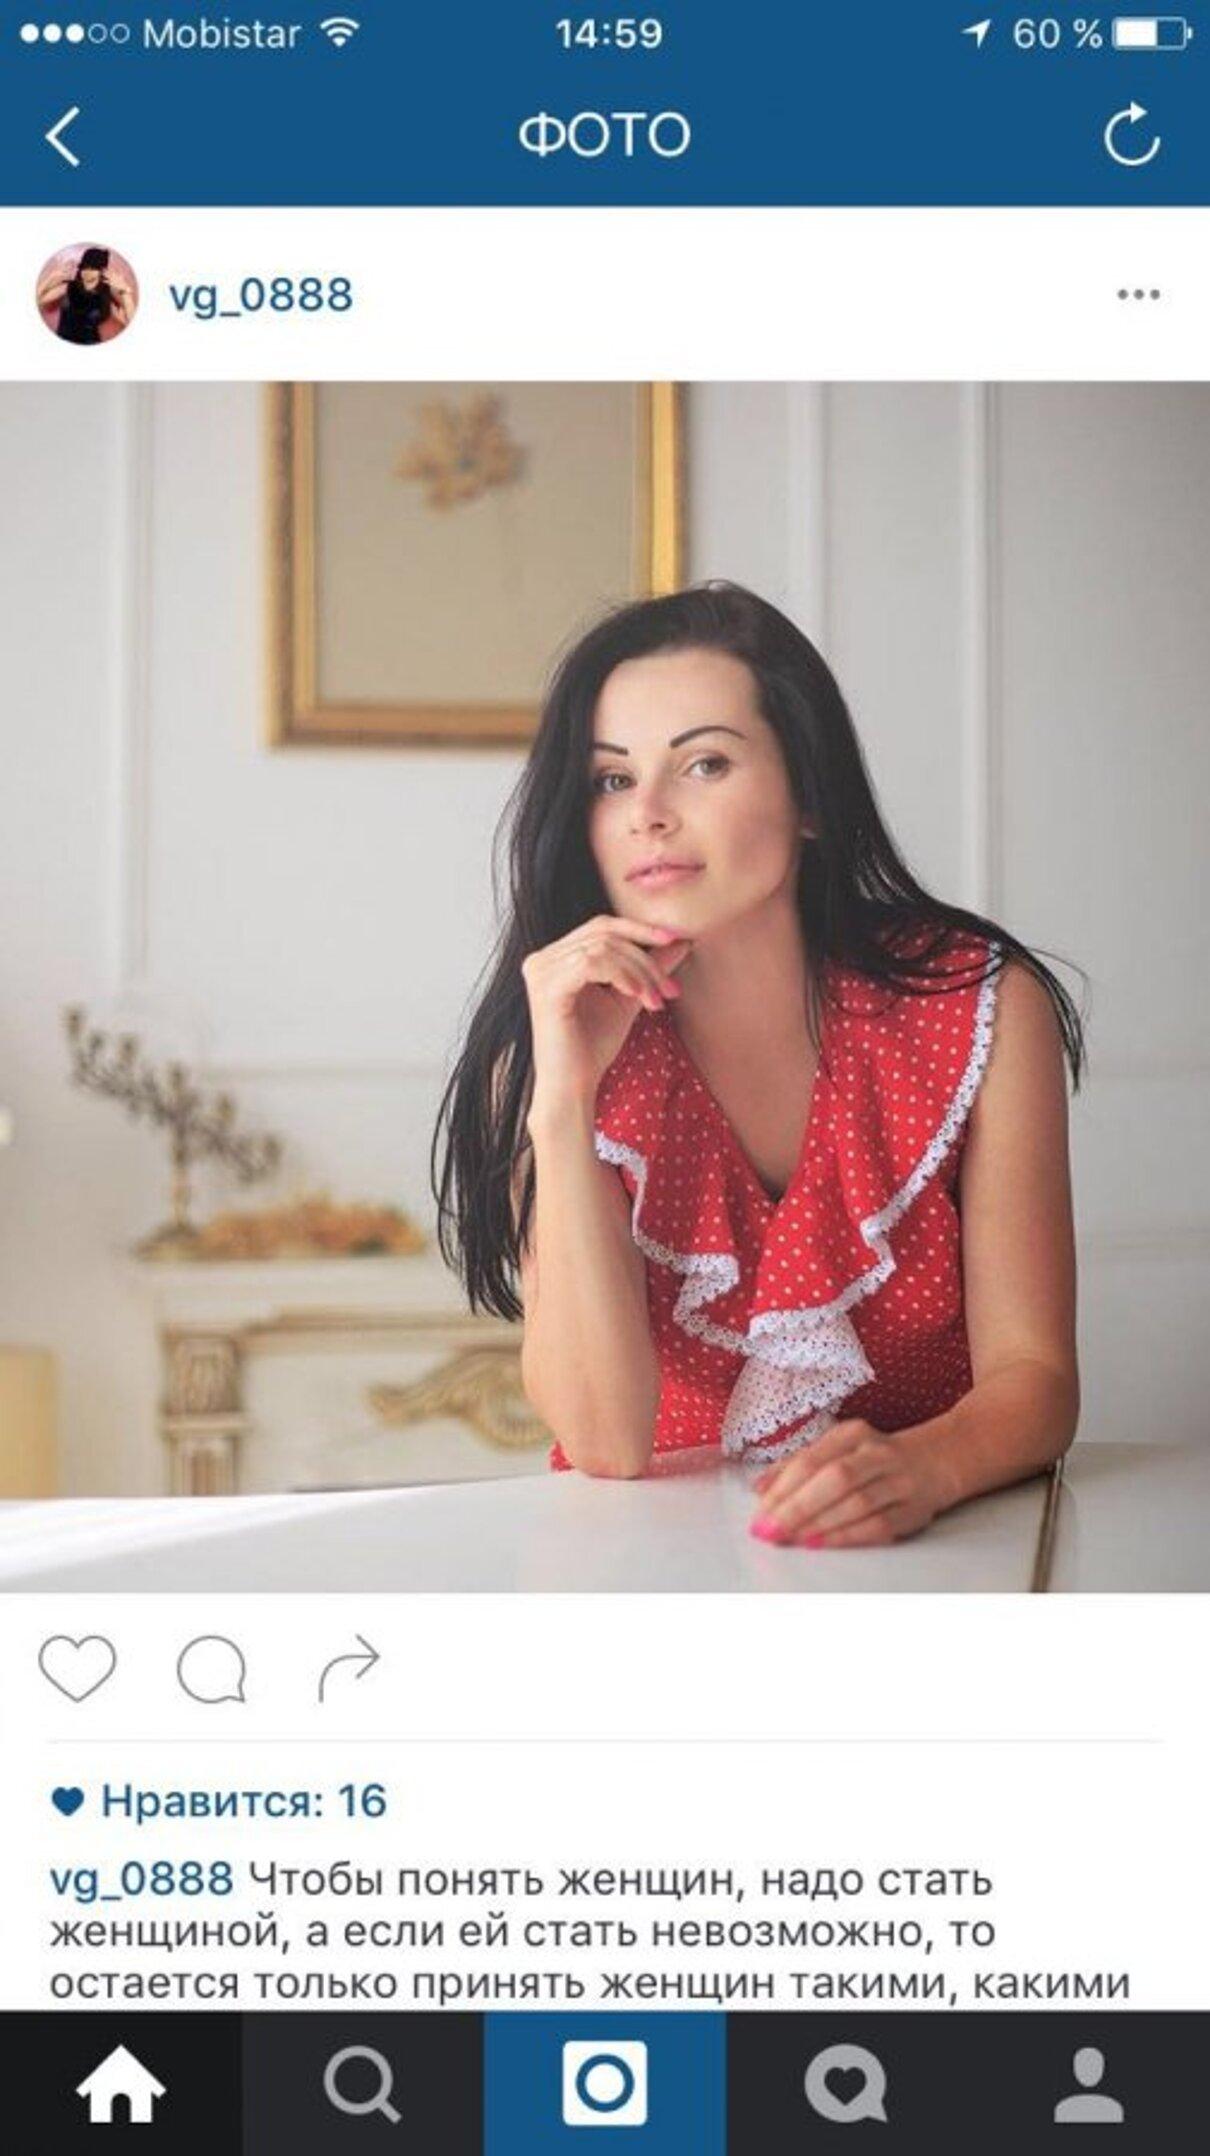 Жалоба-отзыв: Vita Gerevych, vg_furst1 - Мошенница.  Фото №2